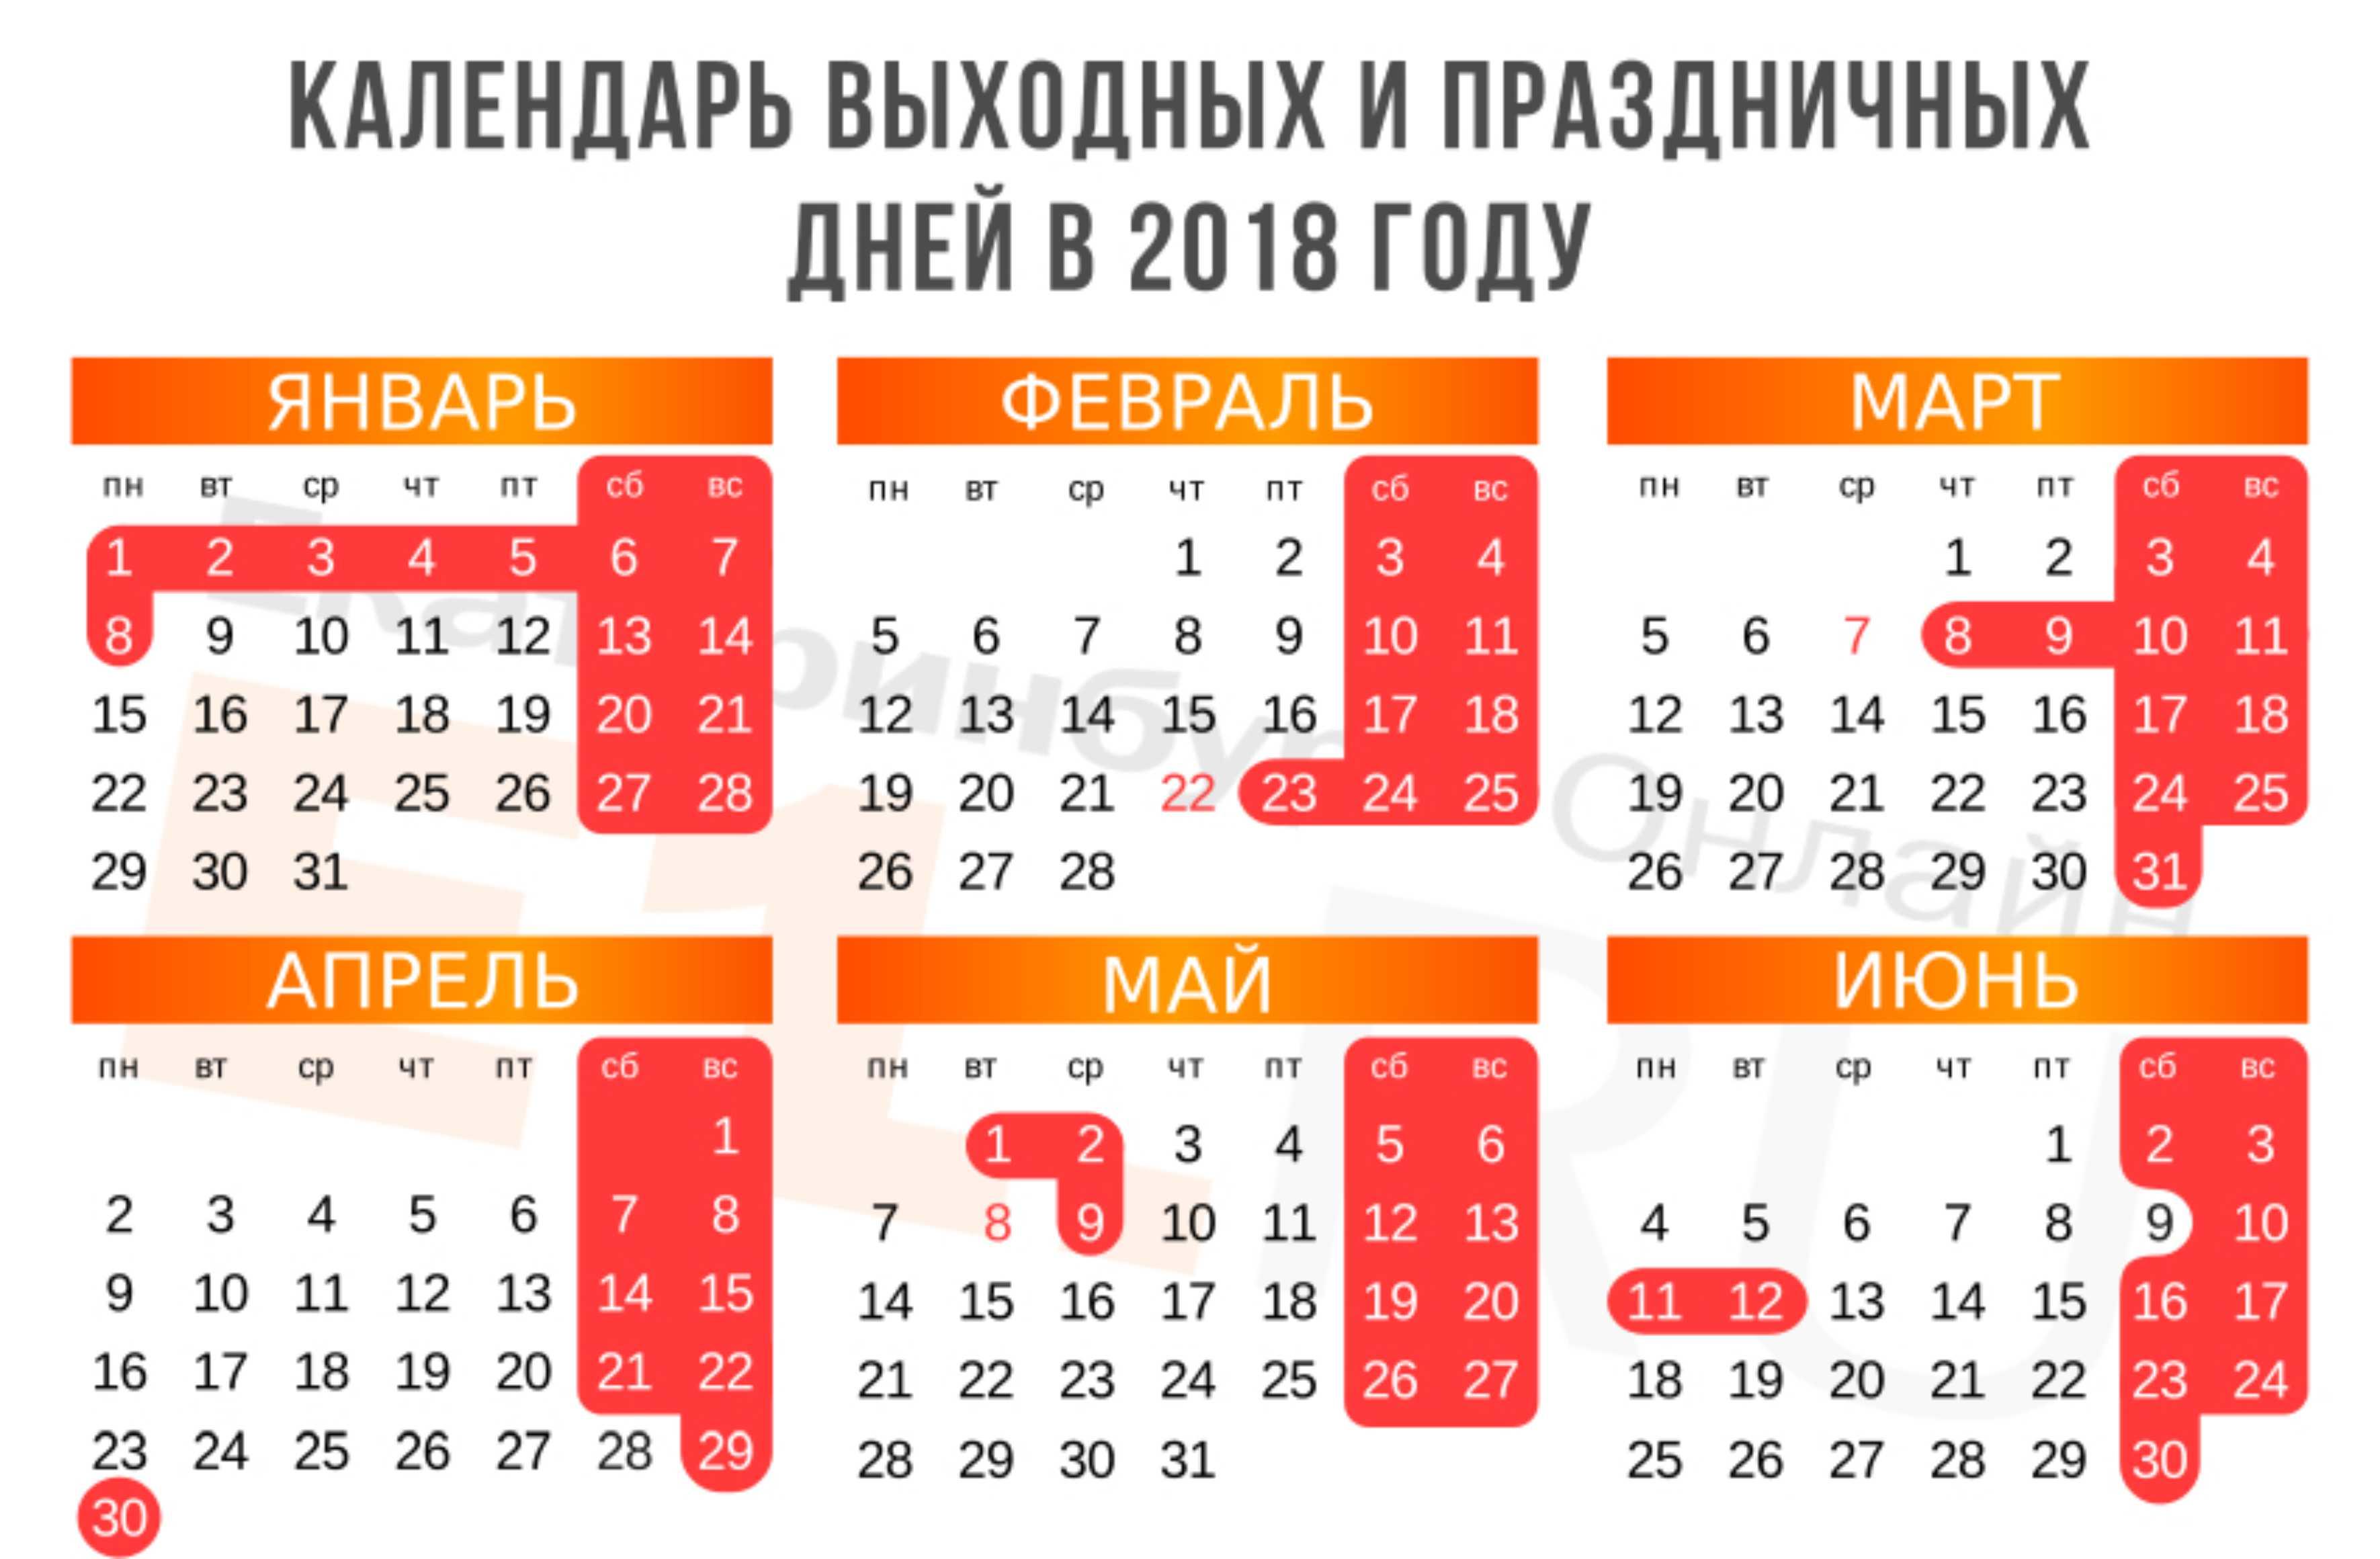 Сколько украинских школ в россии в 2018 году